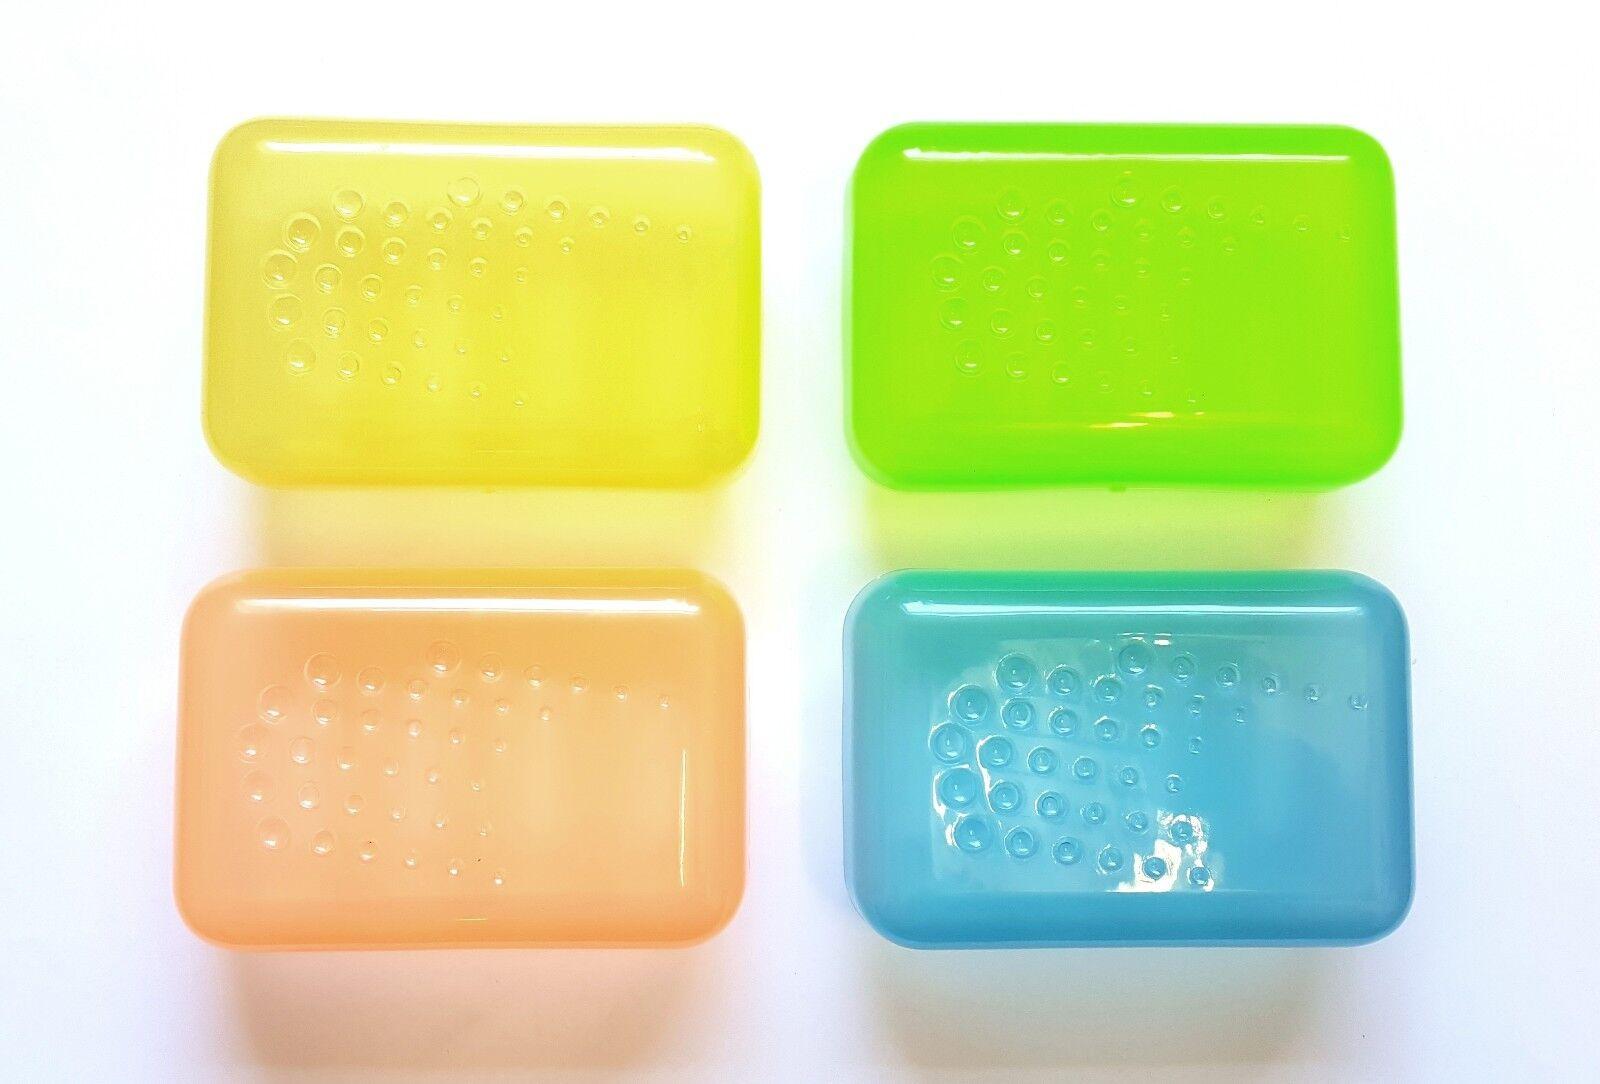 Bagno sapone sapone sapone da viaggio Saver piatto Stoccaggio Scatola di Plastica Contenitore Scatola di 144 @ 32p 58a209